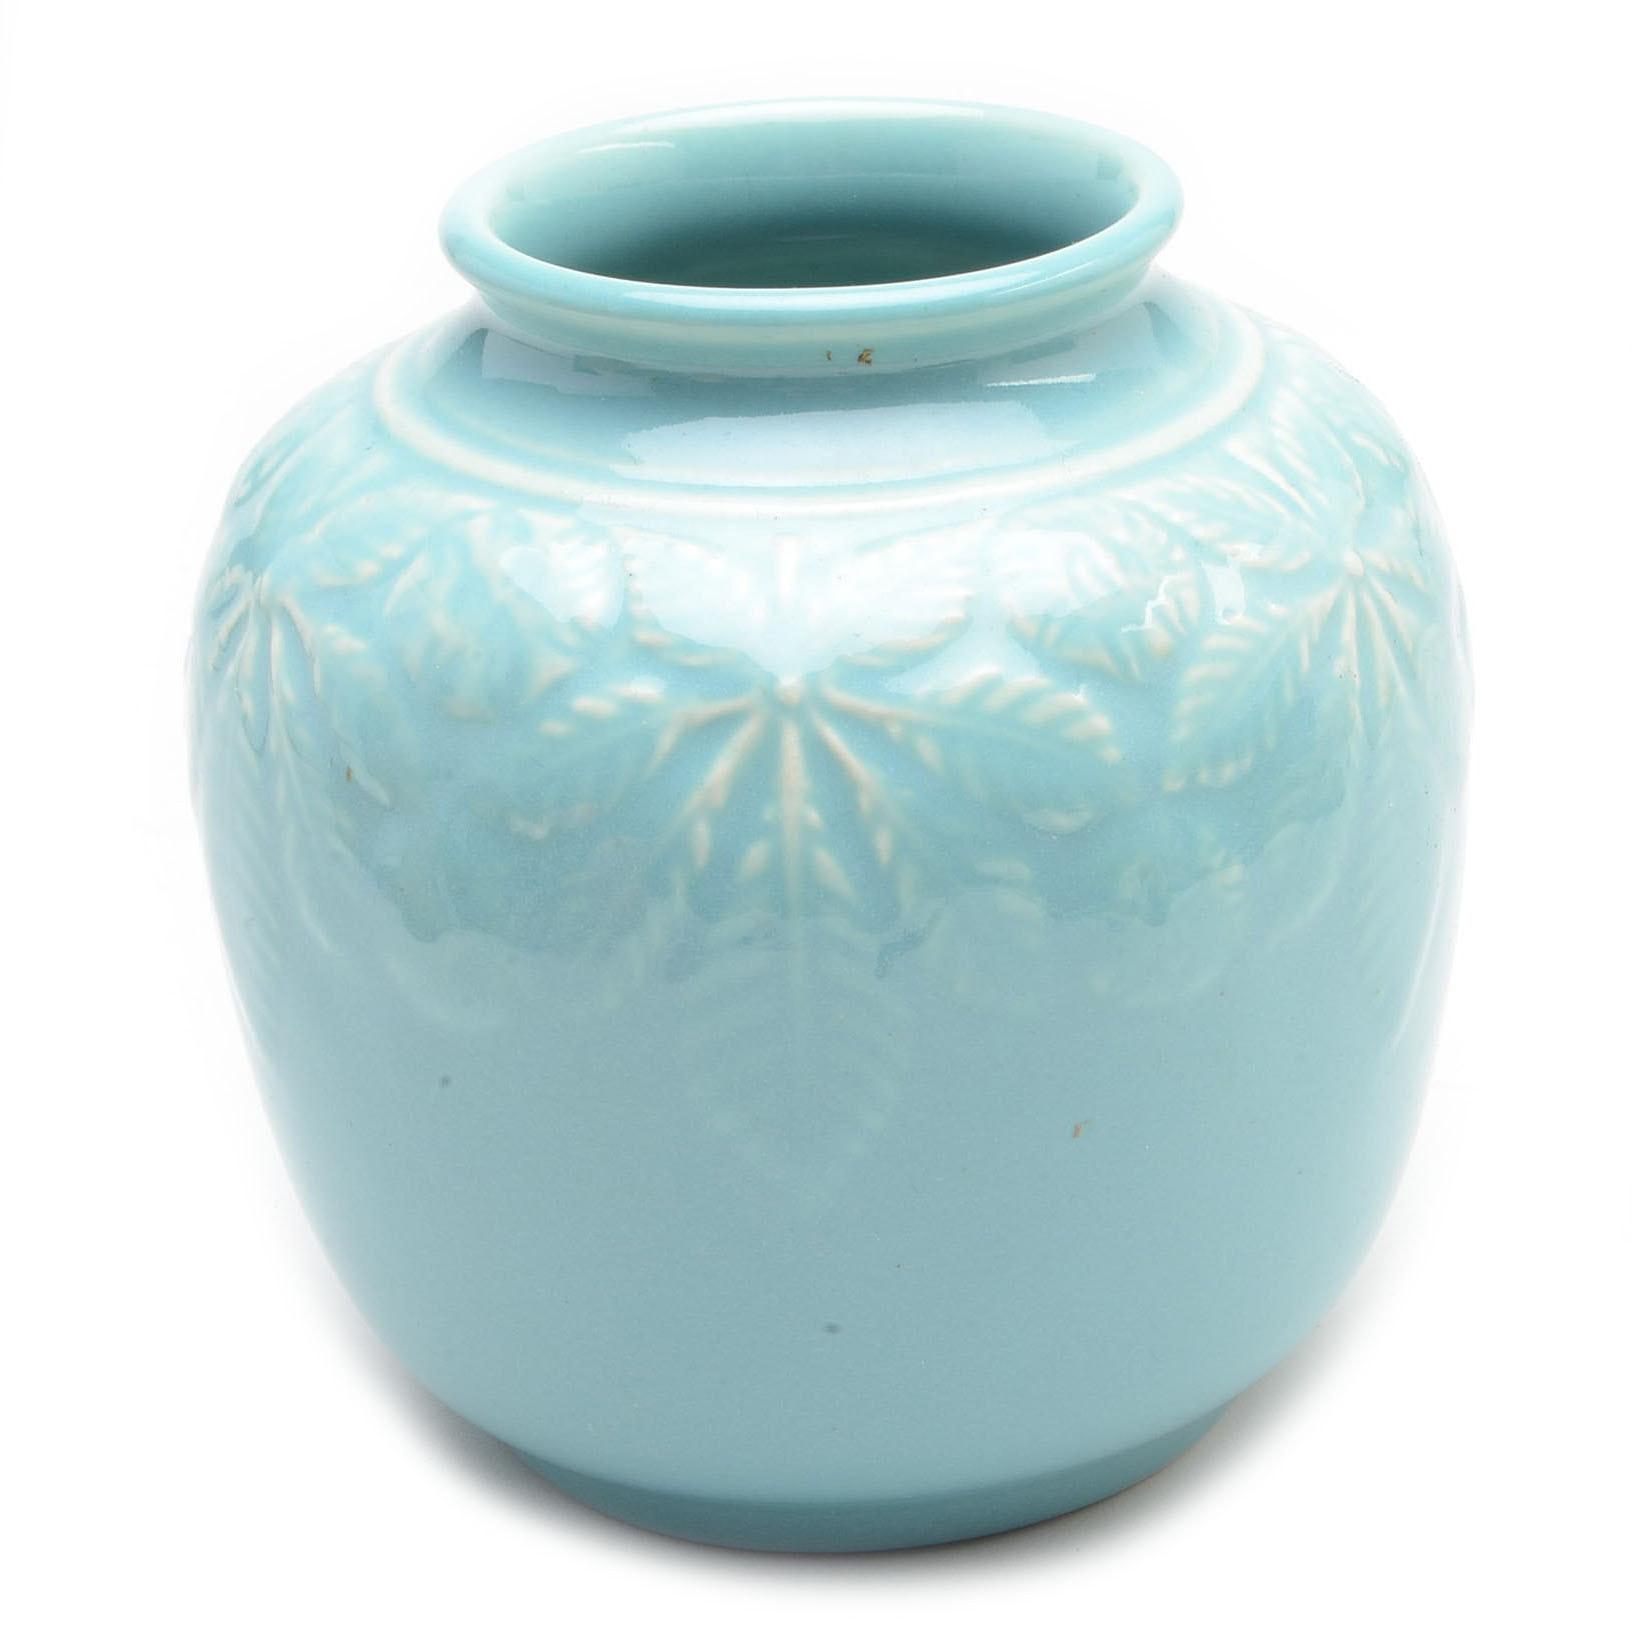 1957 Rookwood Vase by Ruben Menzel